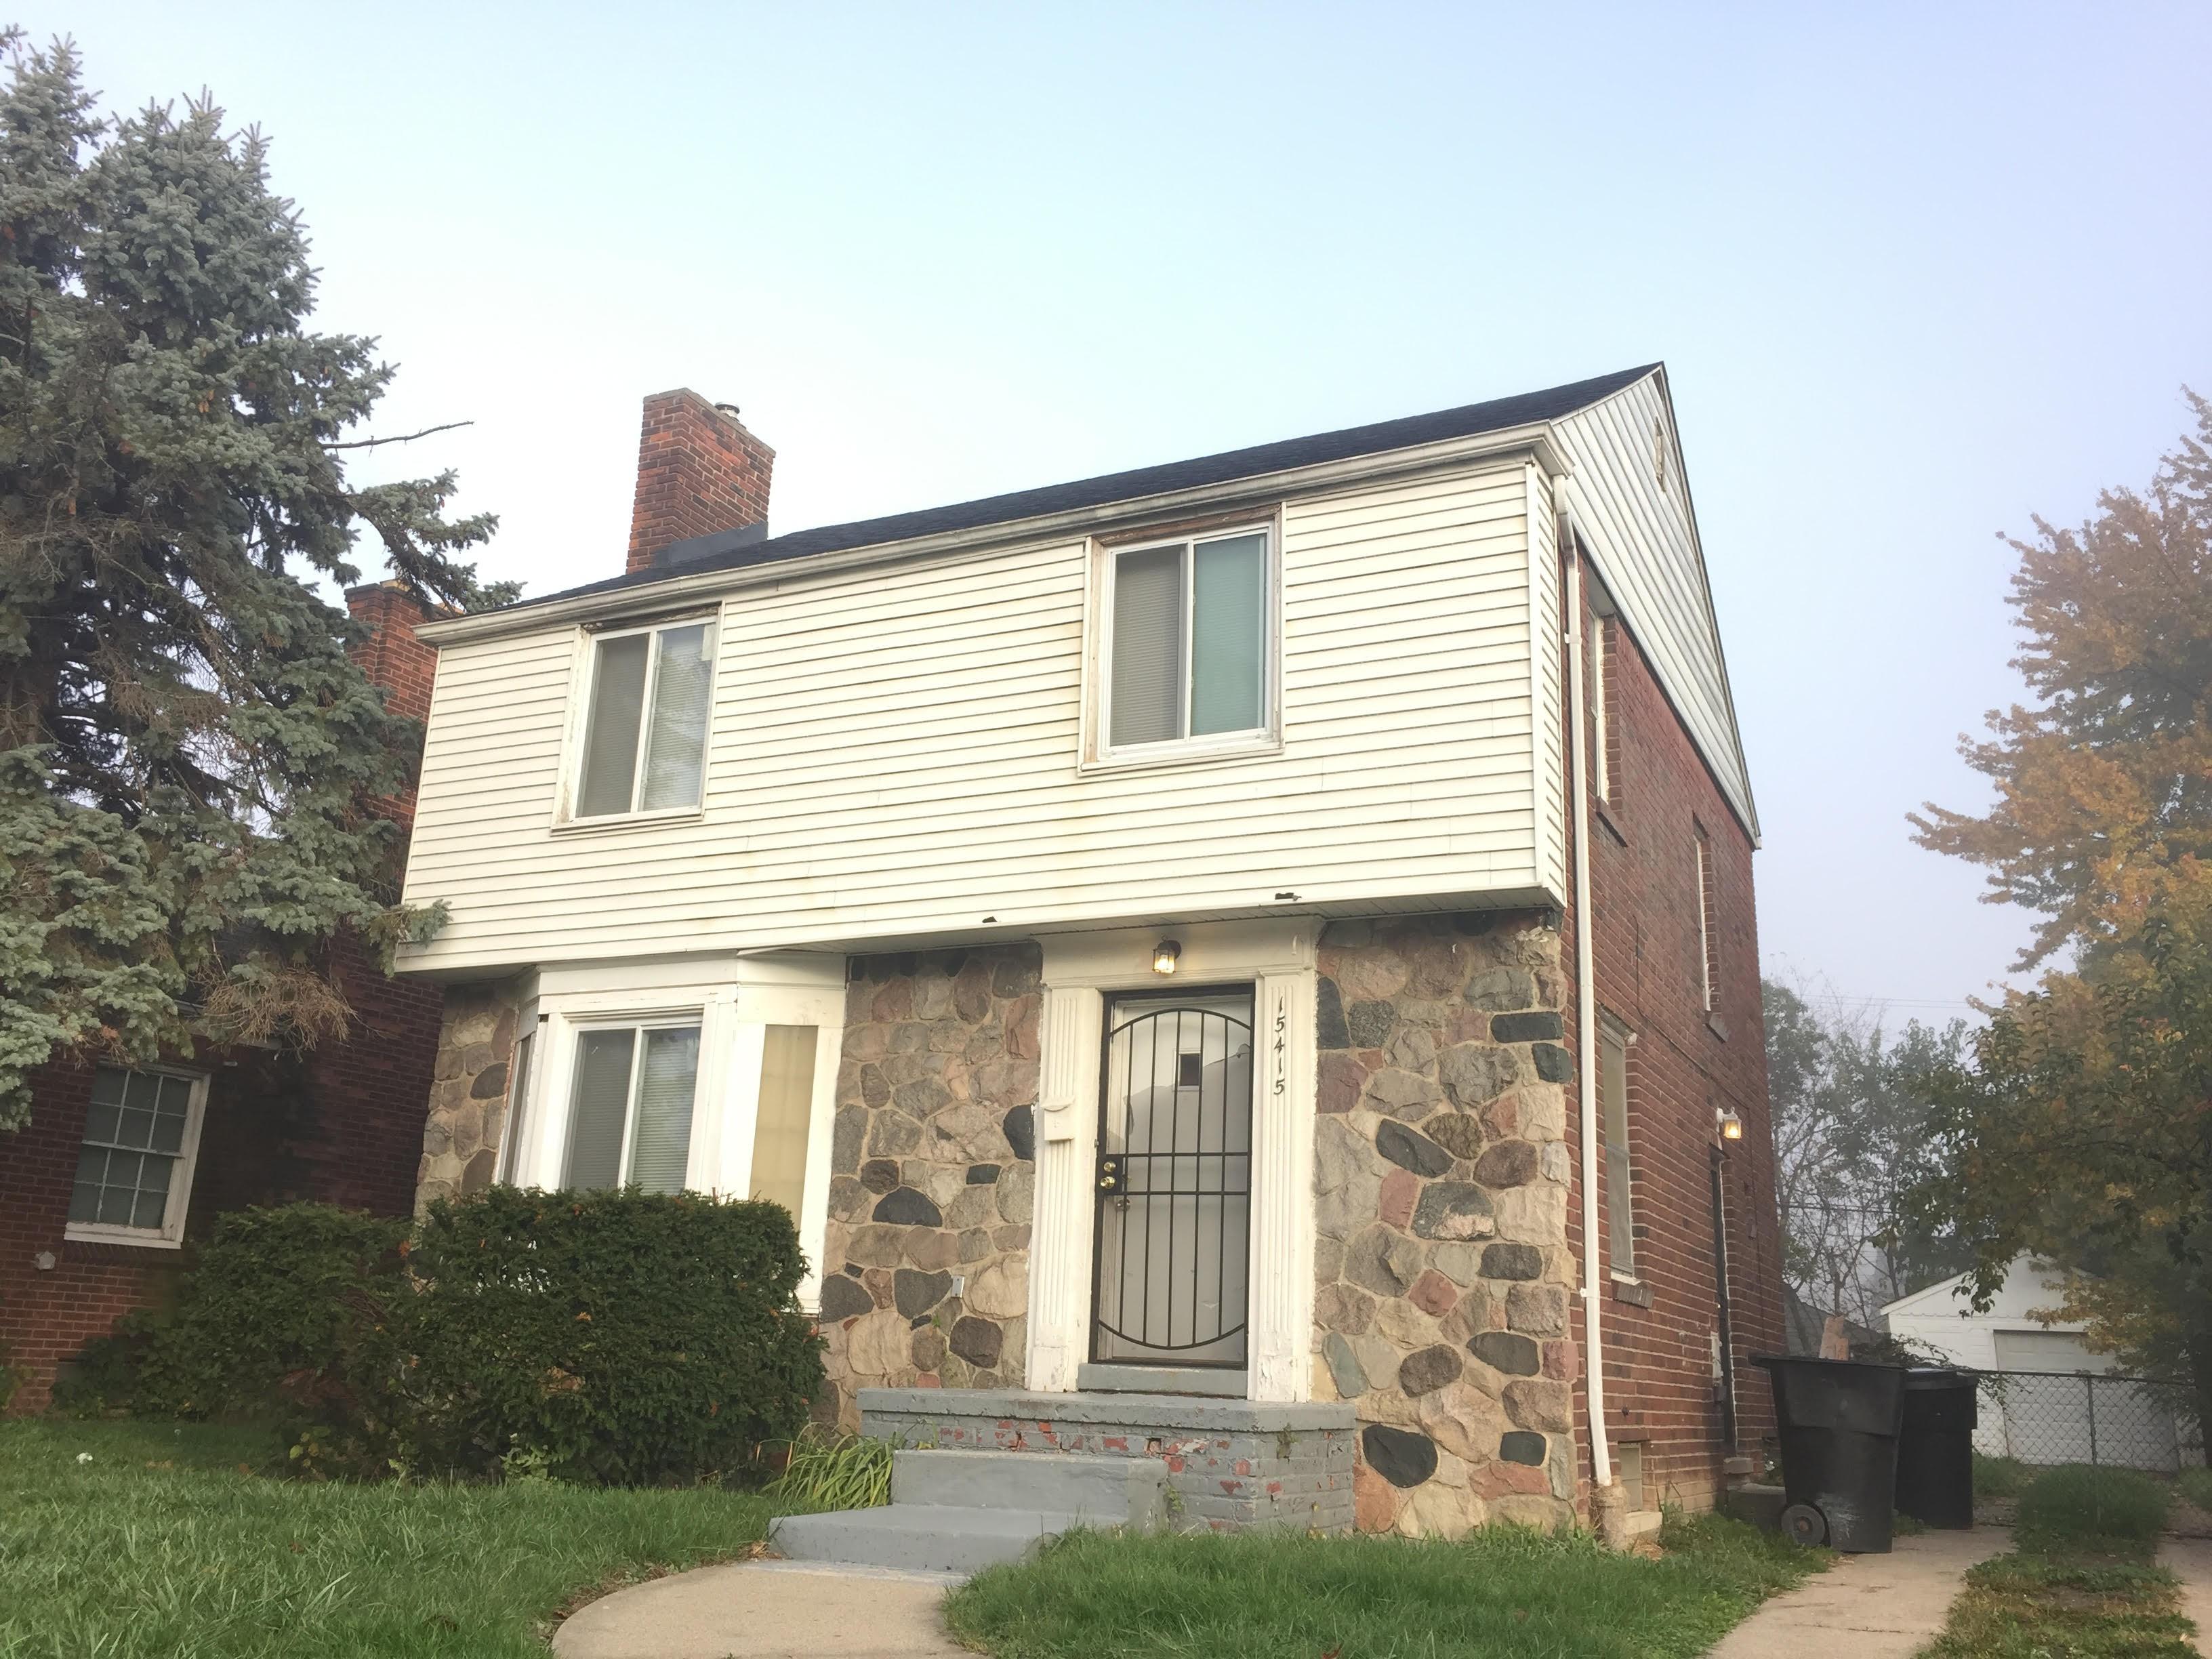 15415 Mapleridge St Detroit Mi 48205 3 Bedroom Apartment For Rent For 750 Month Zumper